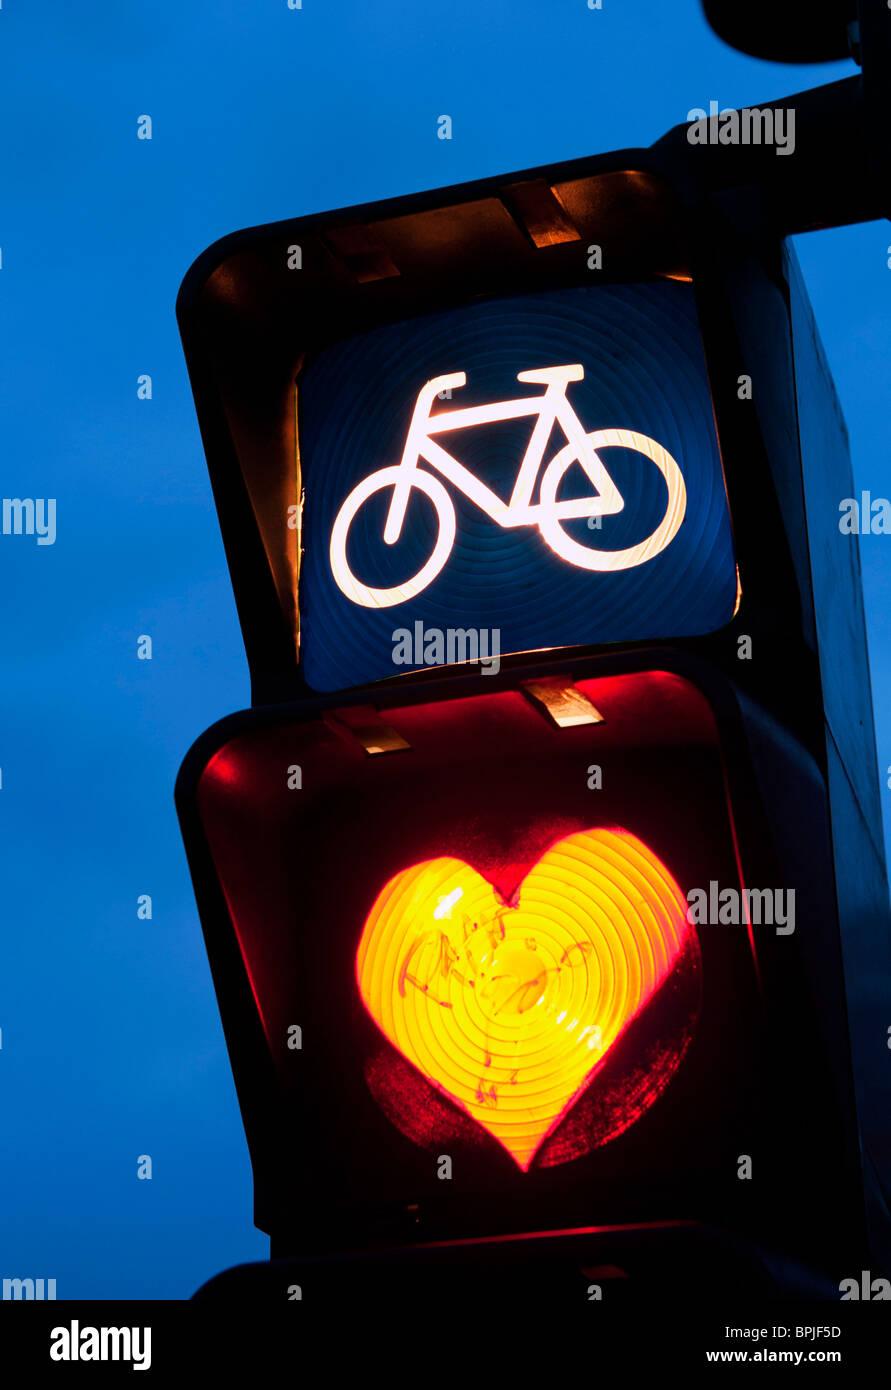 Detalhes do ciclo de luz de parada vermelha tráfego pintada com coração de amor em Berlim na Alemanha Imagens de Stock